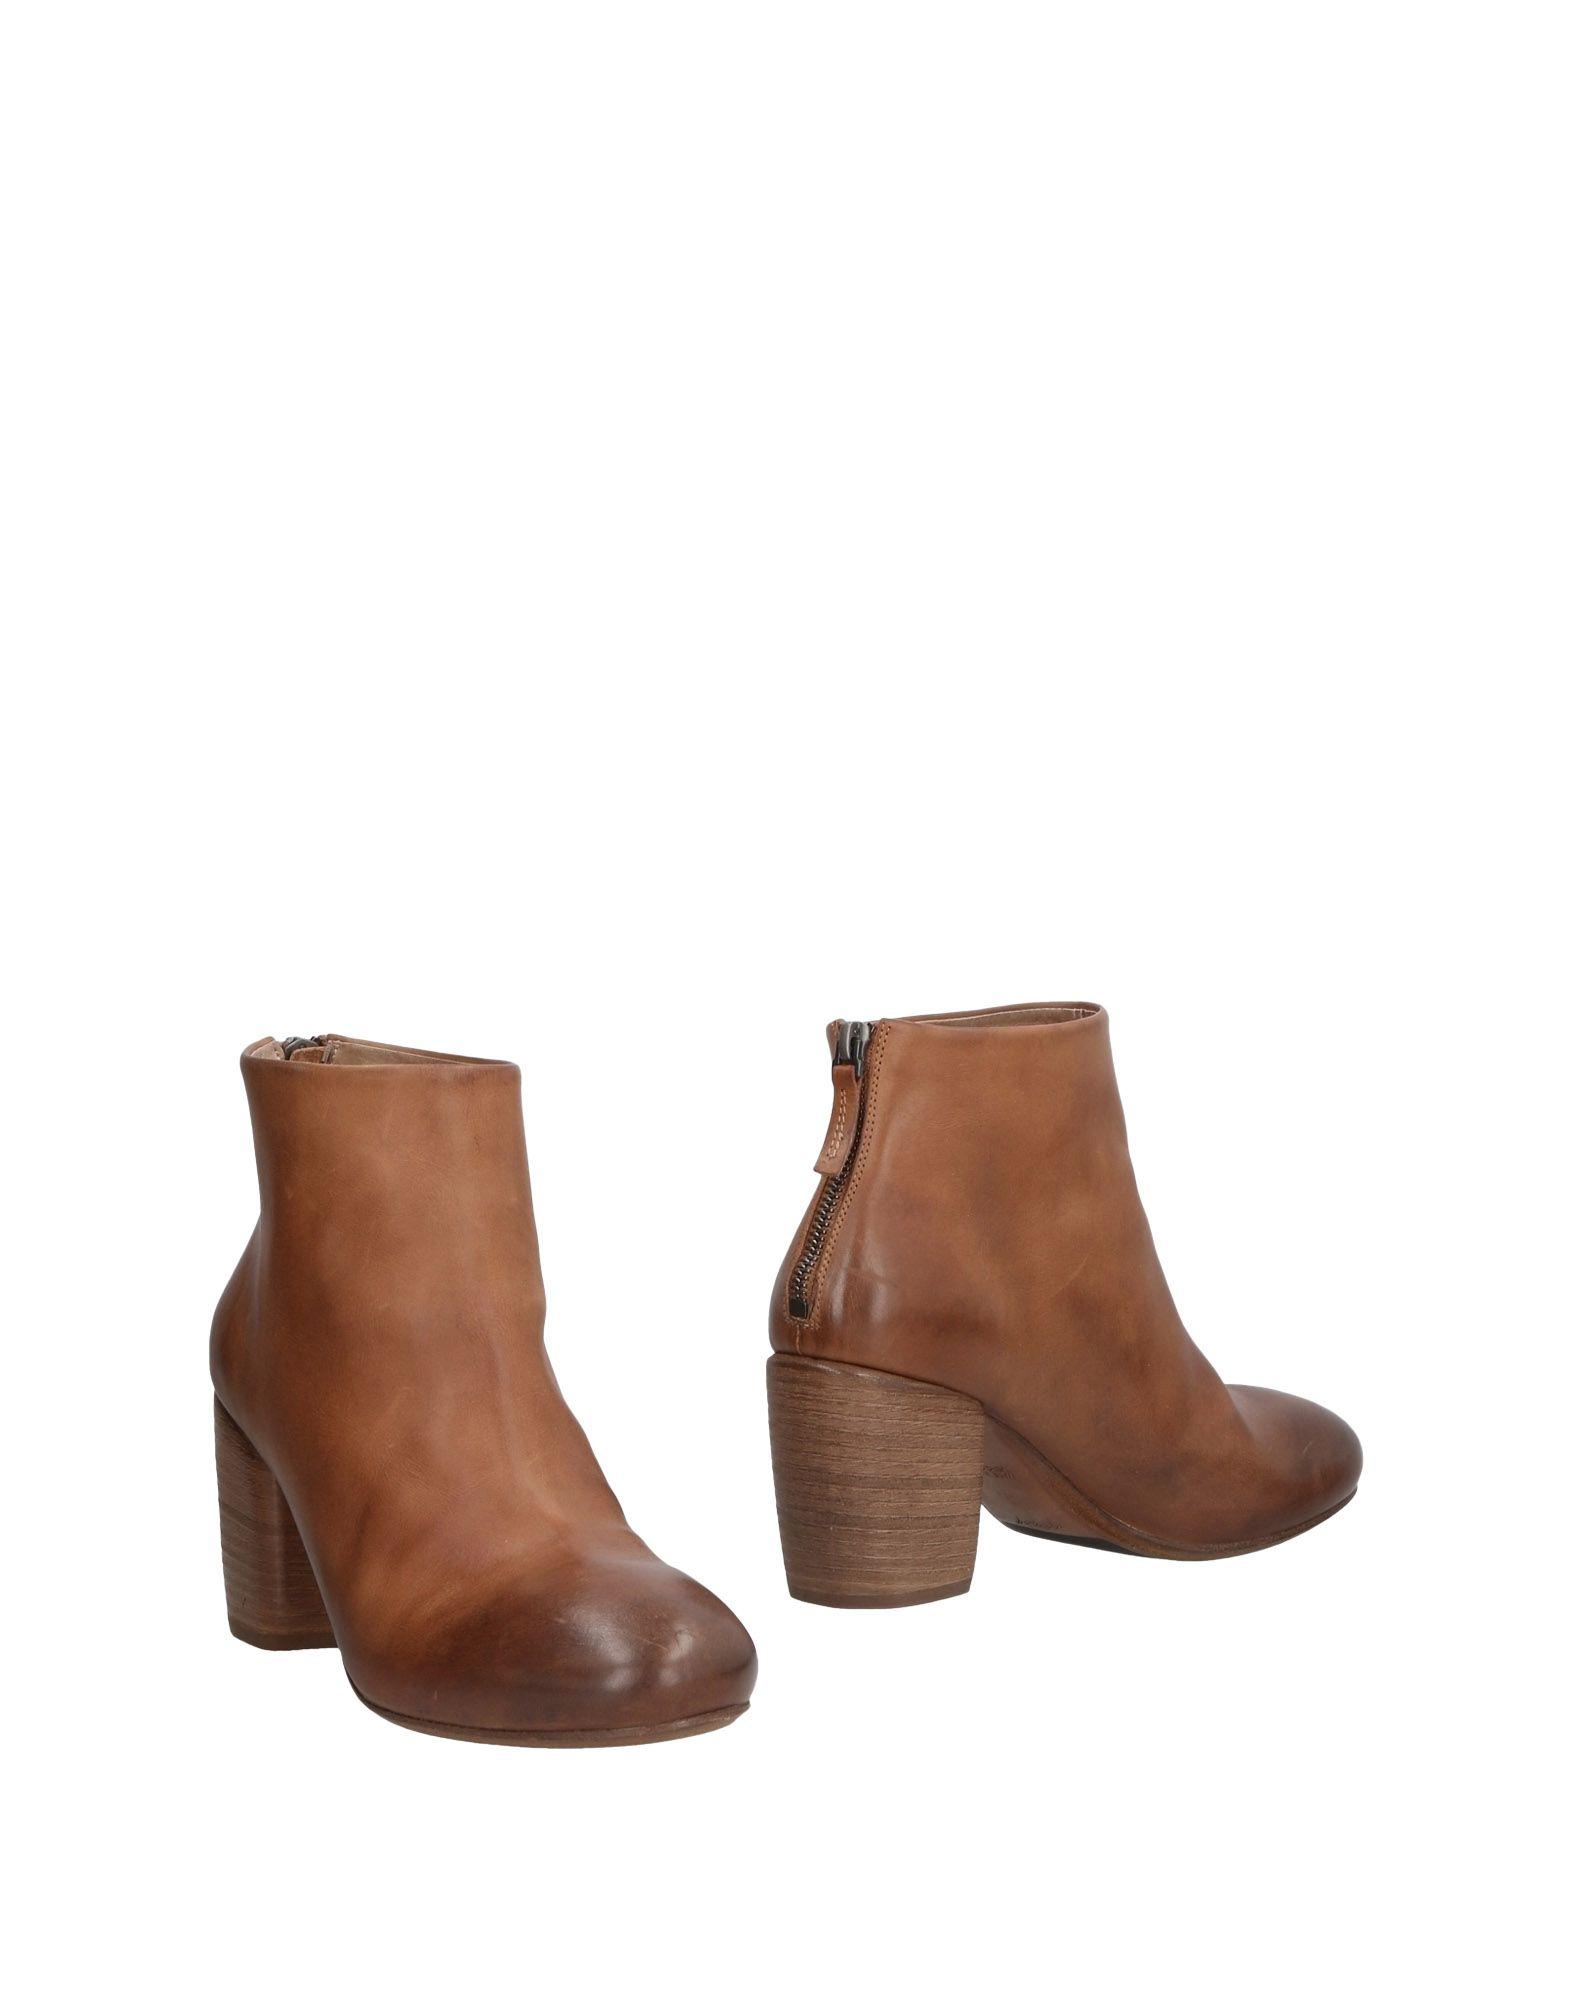 Marsèll Stiefelette Damen  11461427JVGünstige gut aussehende Schuhe